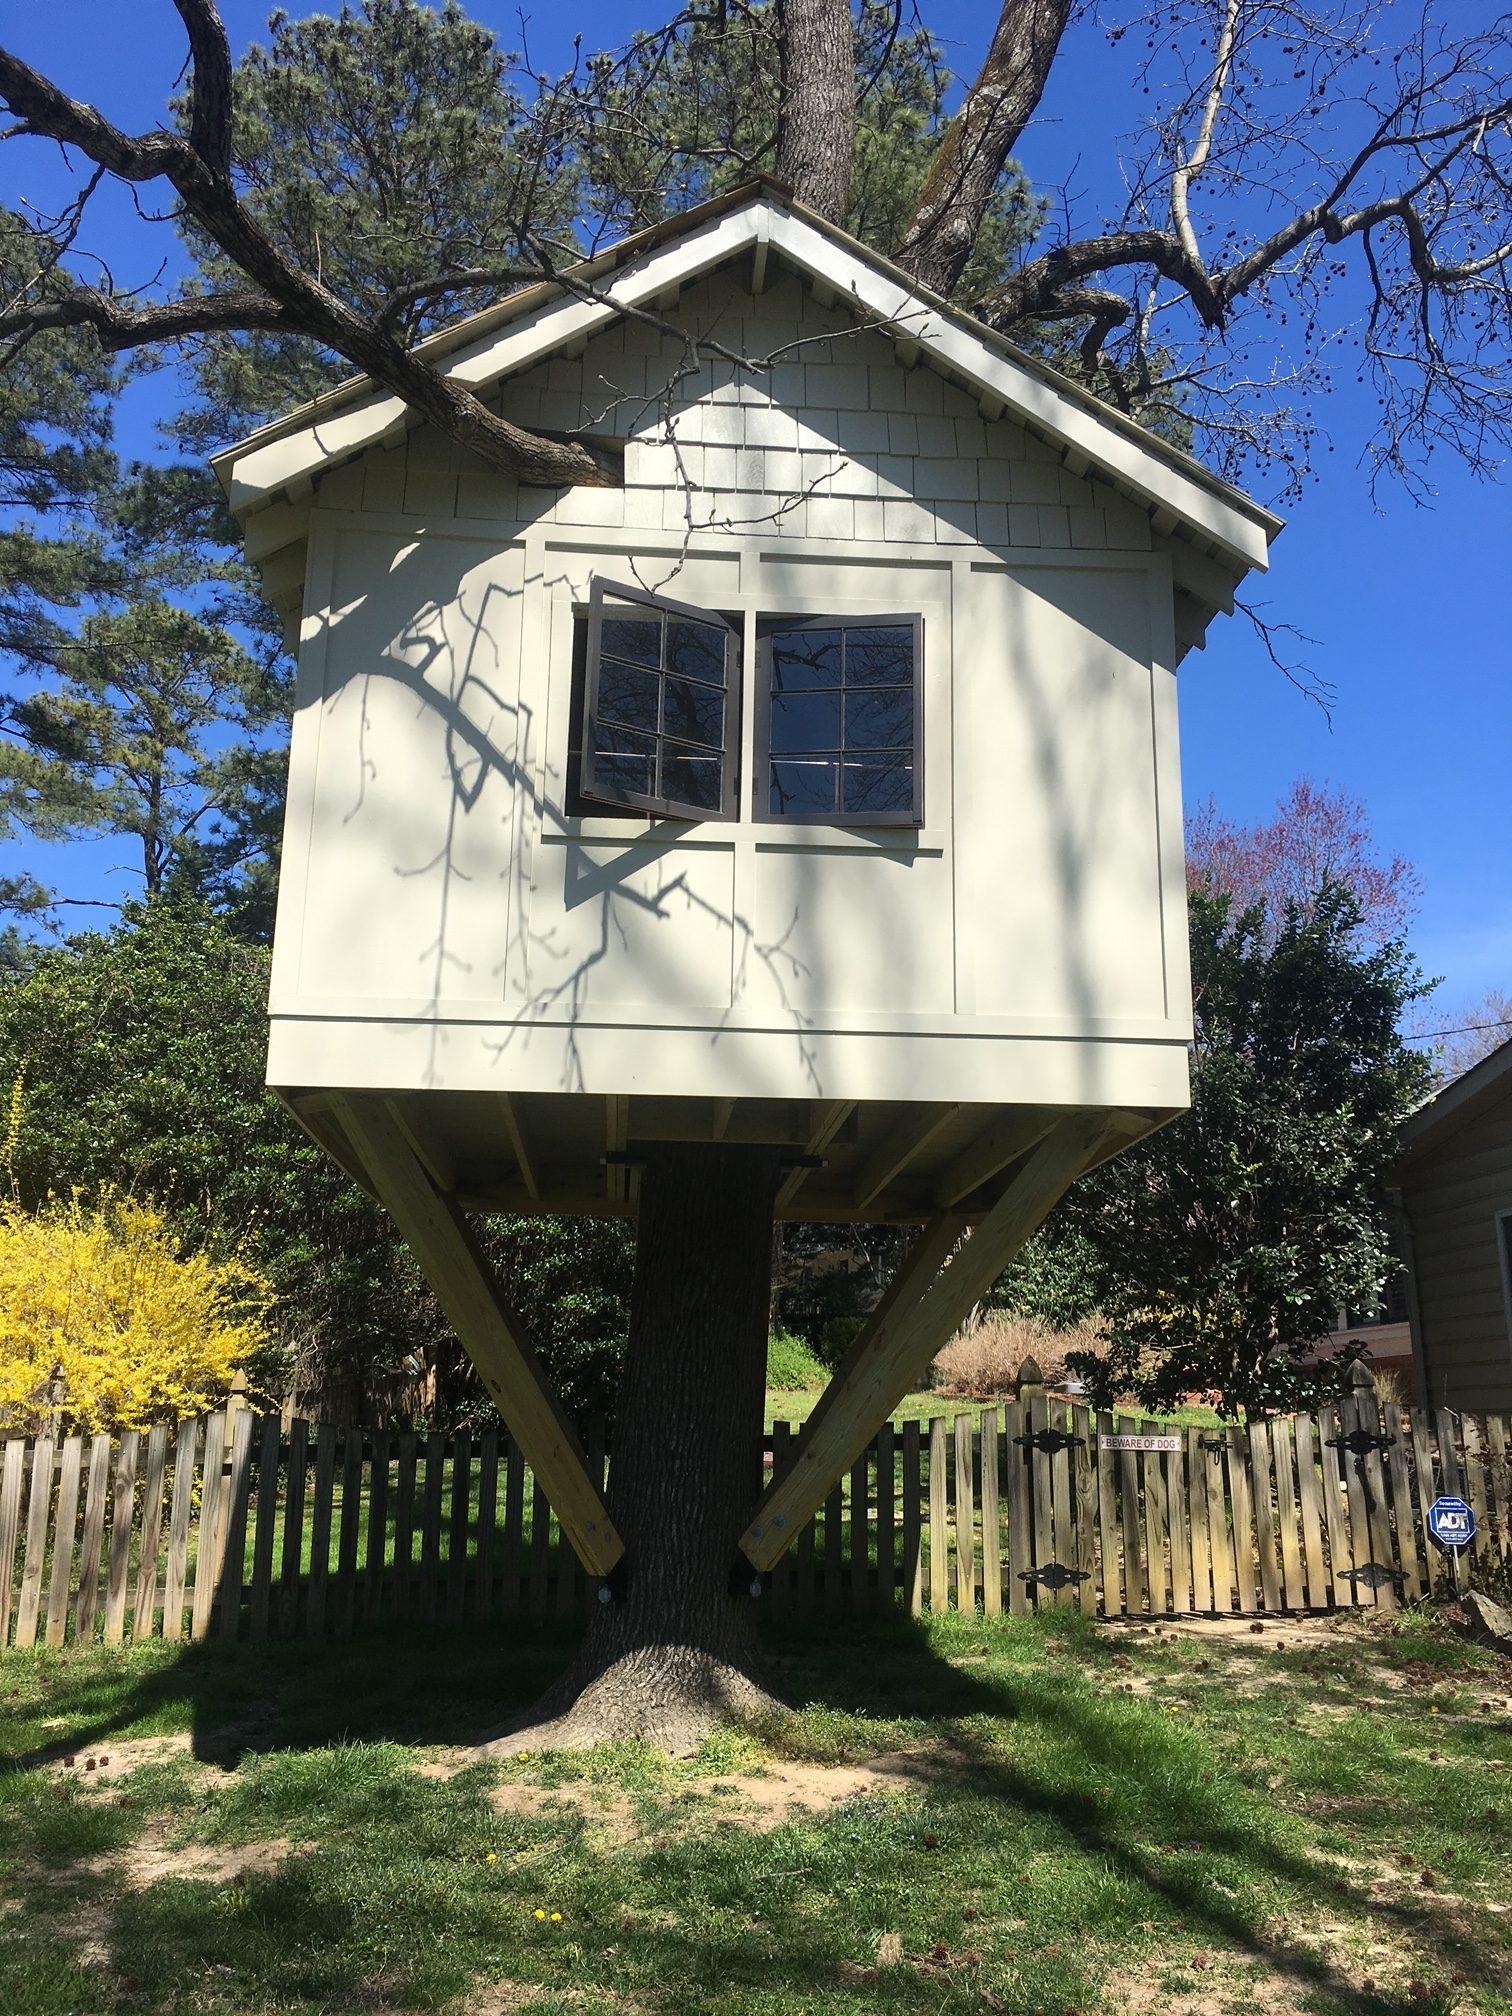 Sleepy Hollow Sweetgum Treehouse